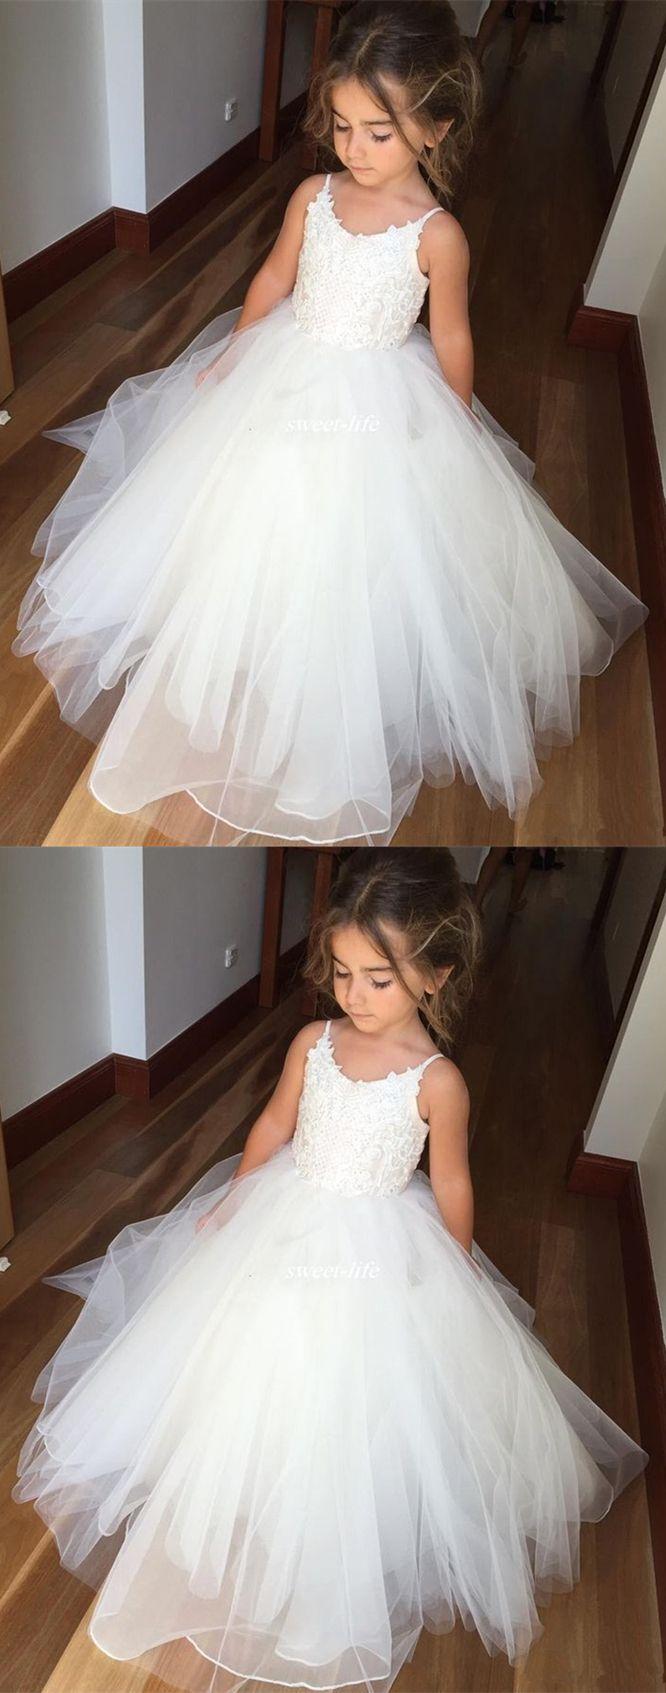 flower girl dresses country,flower girl dresses,flower girl dresses lace,flower girl dresses tulle